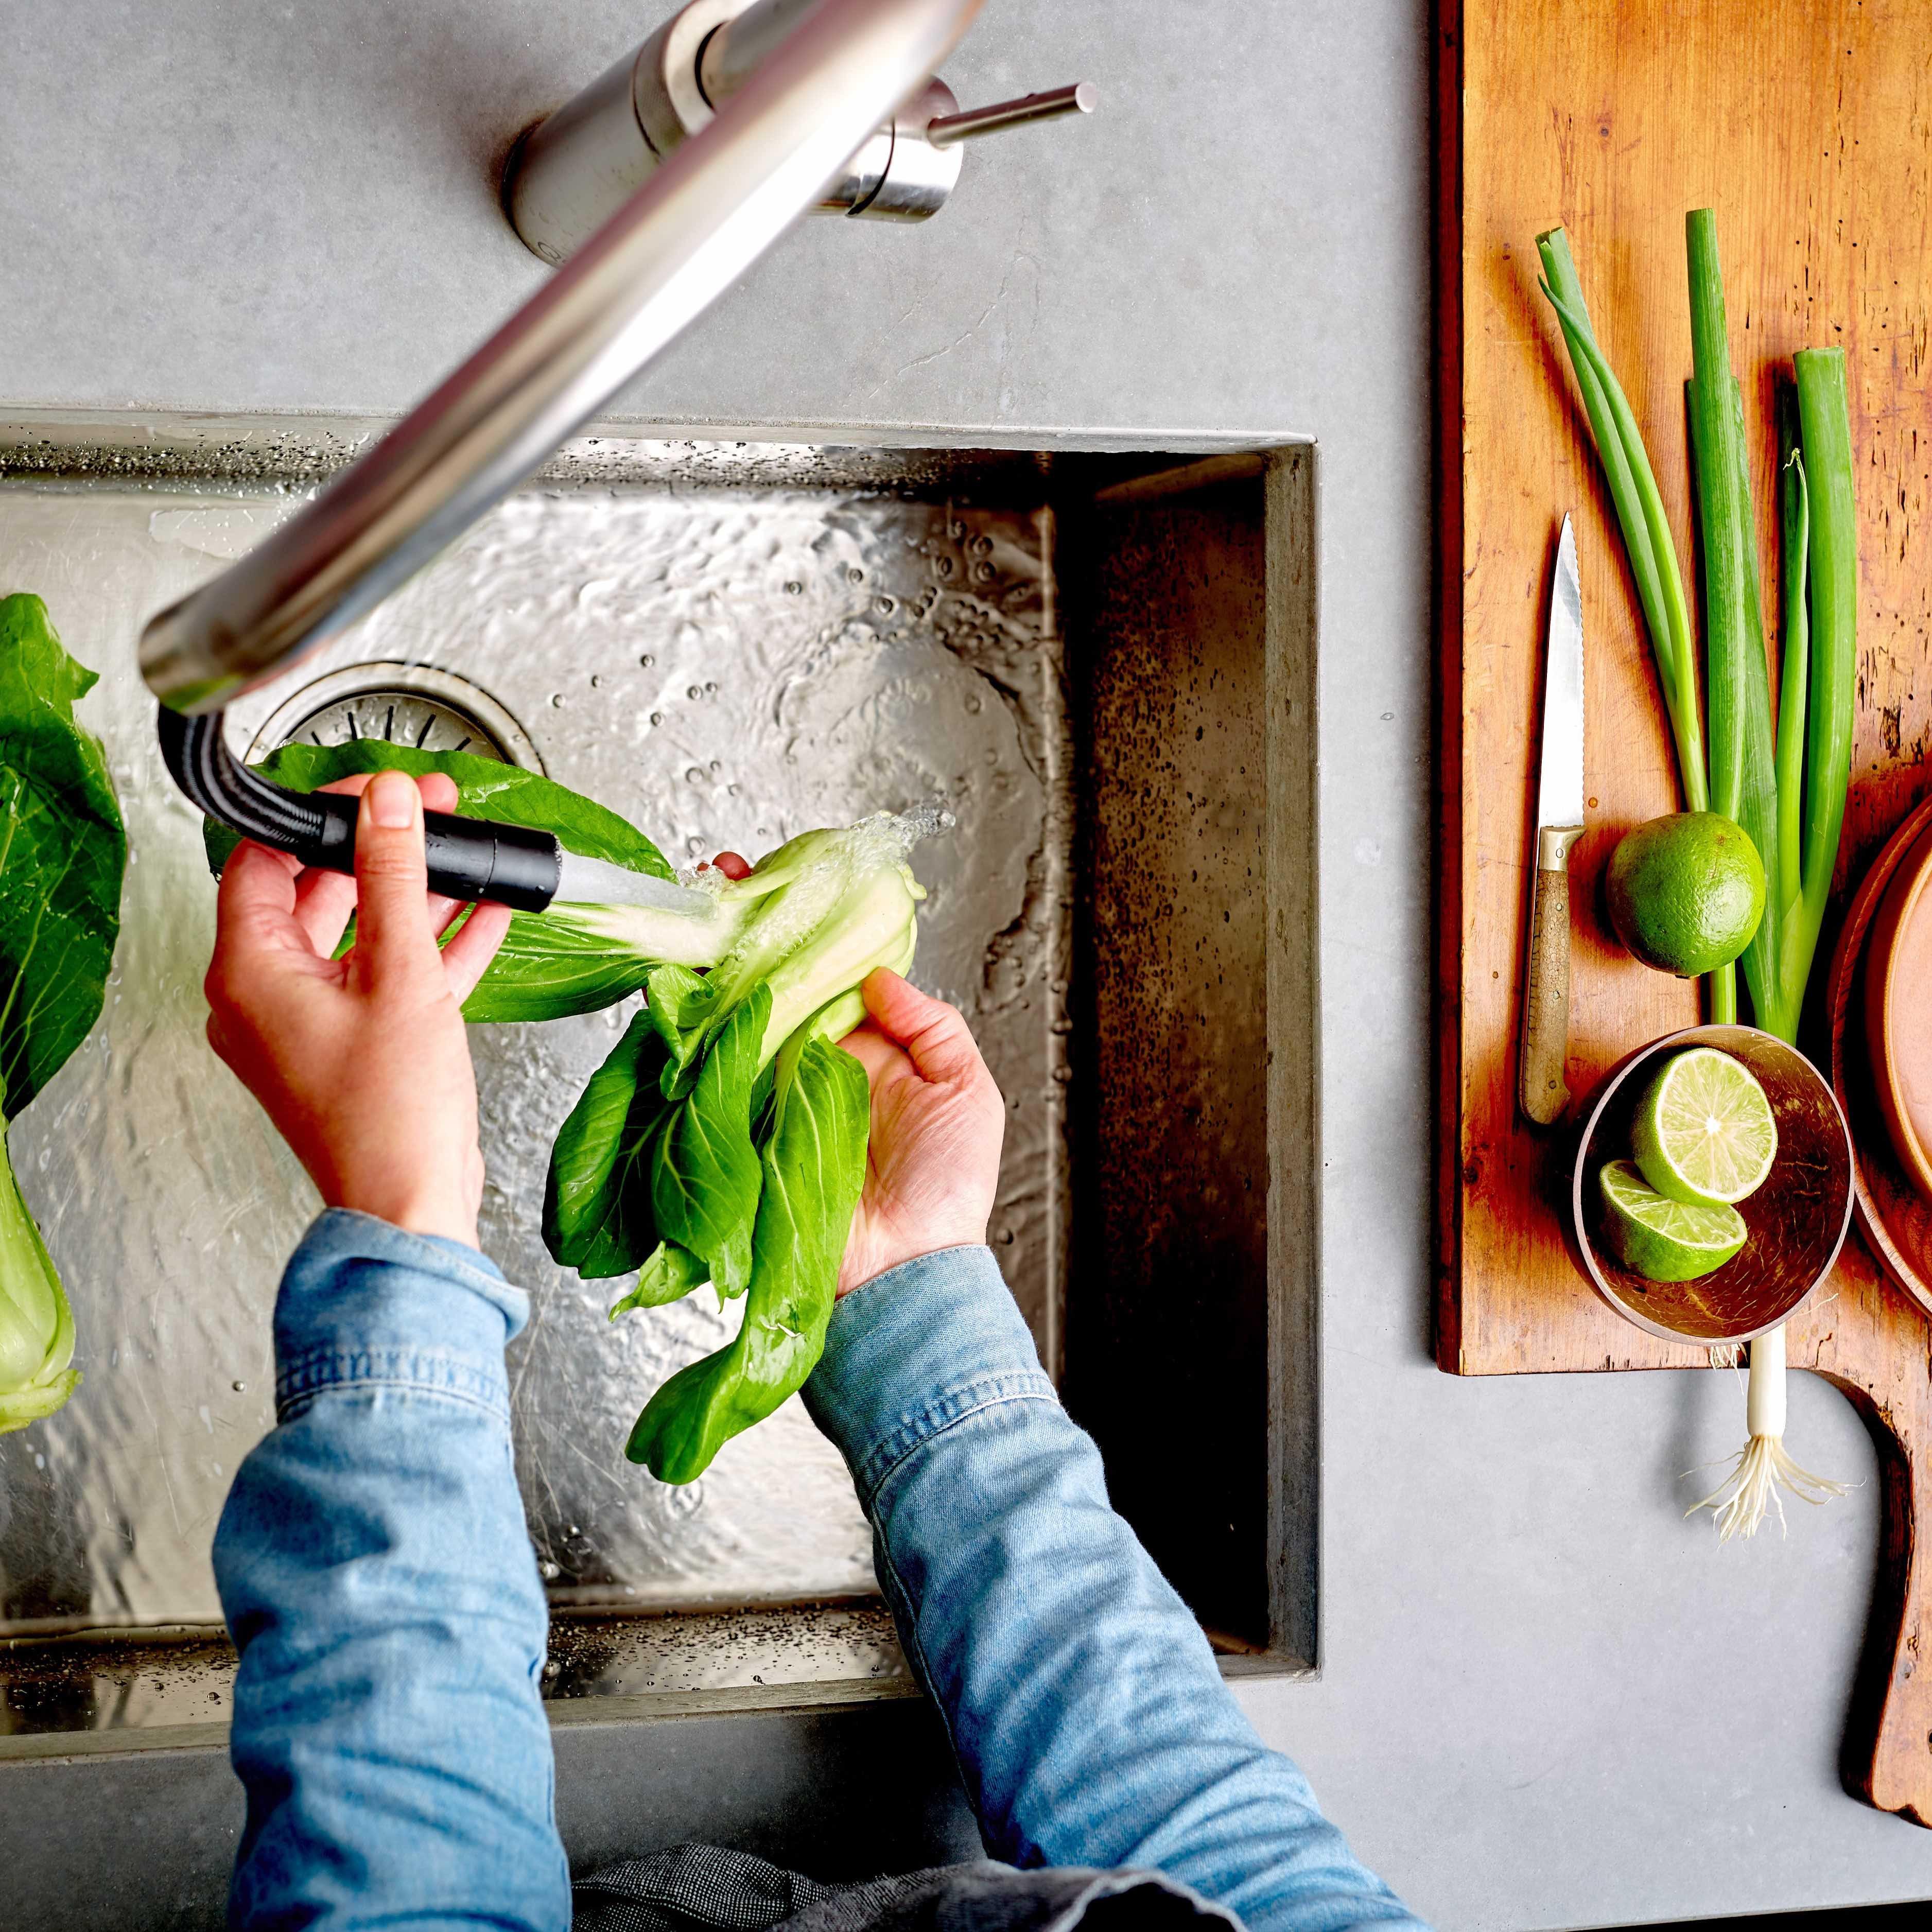 Nå Er Det Ekstra Viktig å Holde Det Rent På Kjøkkenet